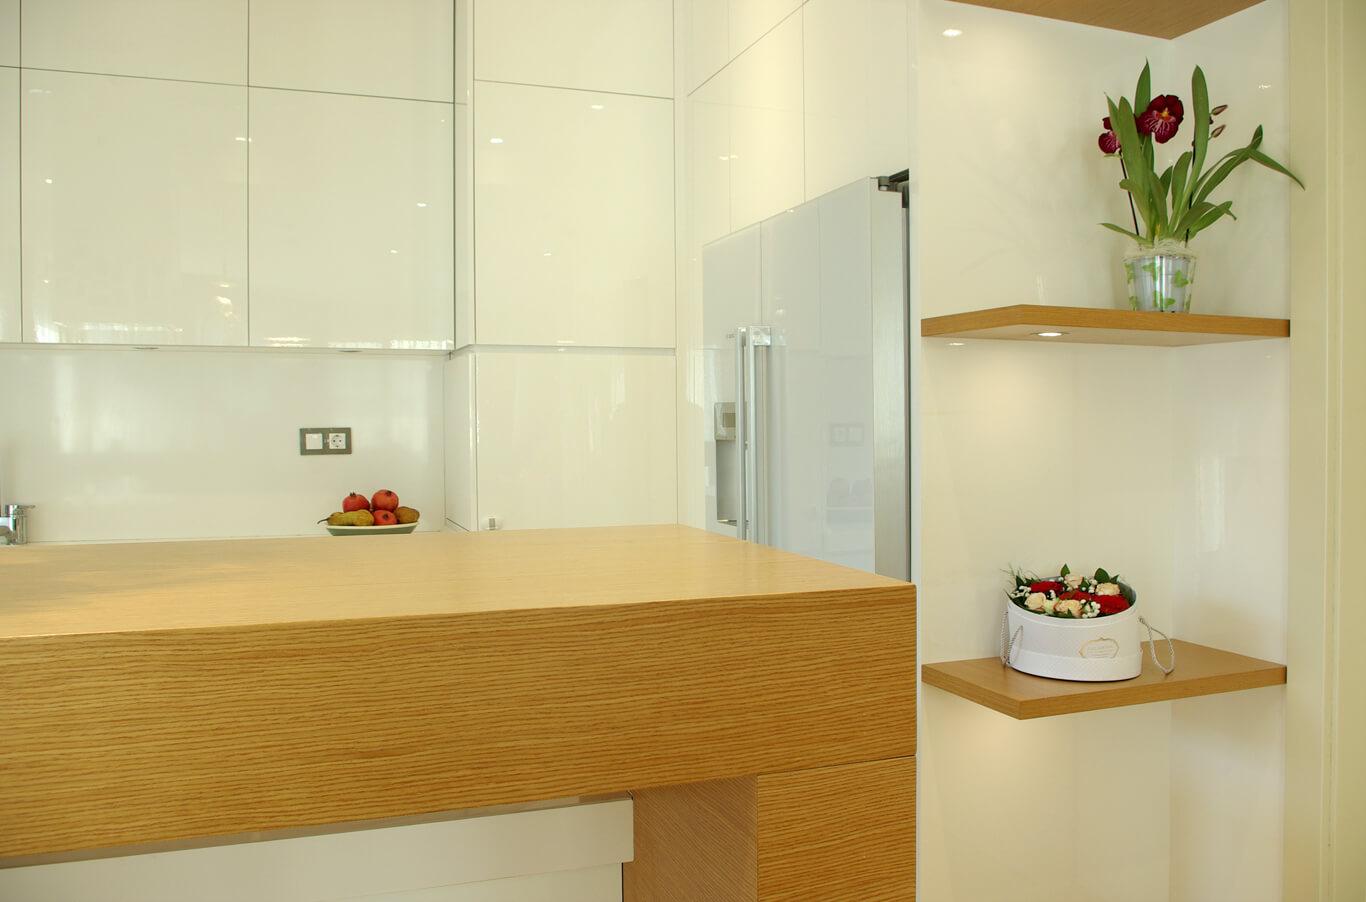 кухня с естествен фурнир и бял гланц